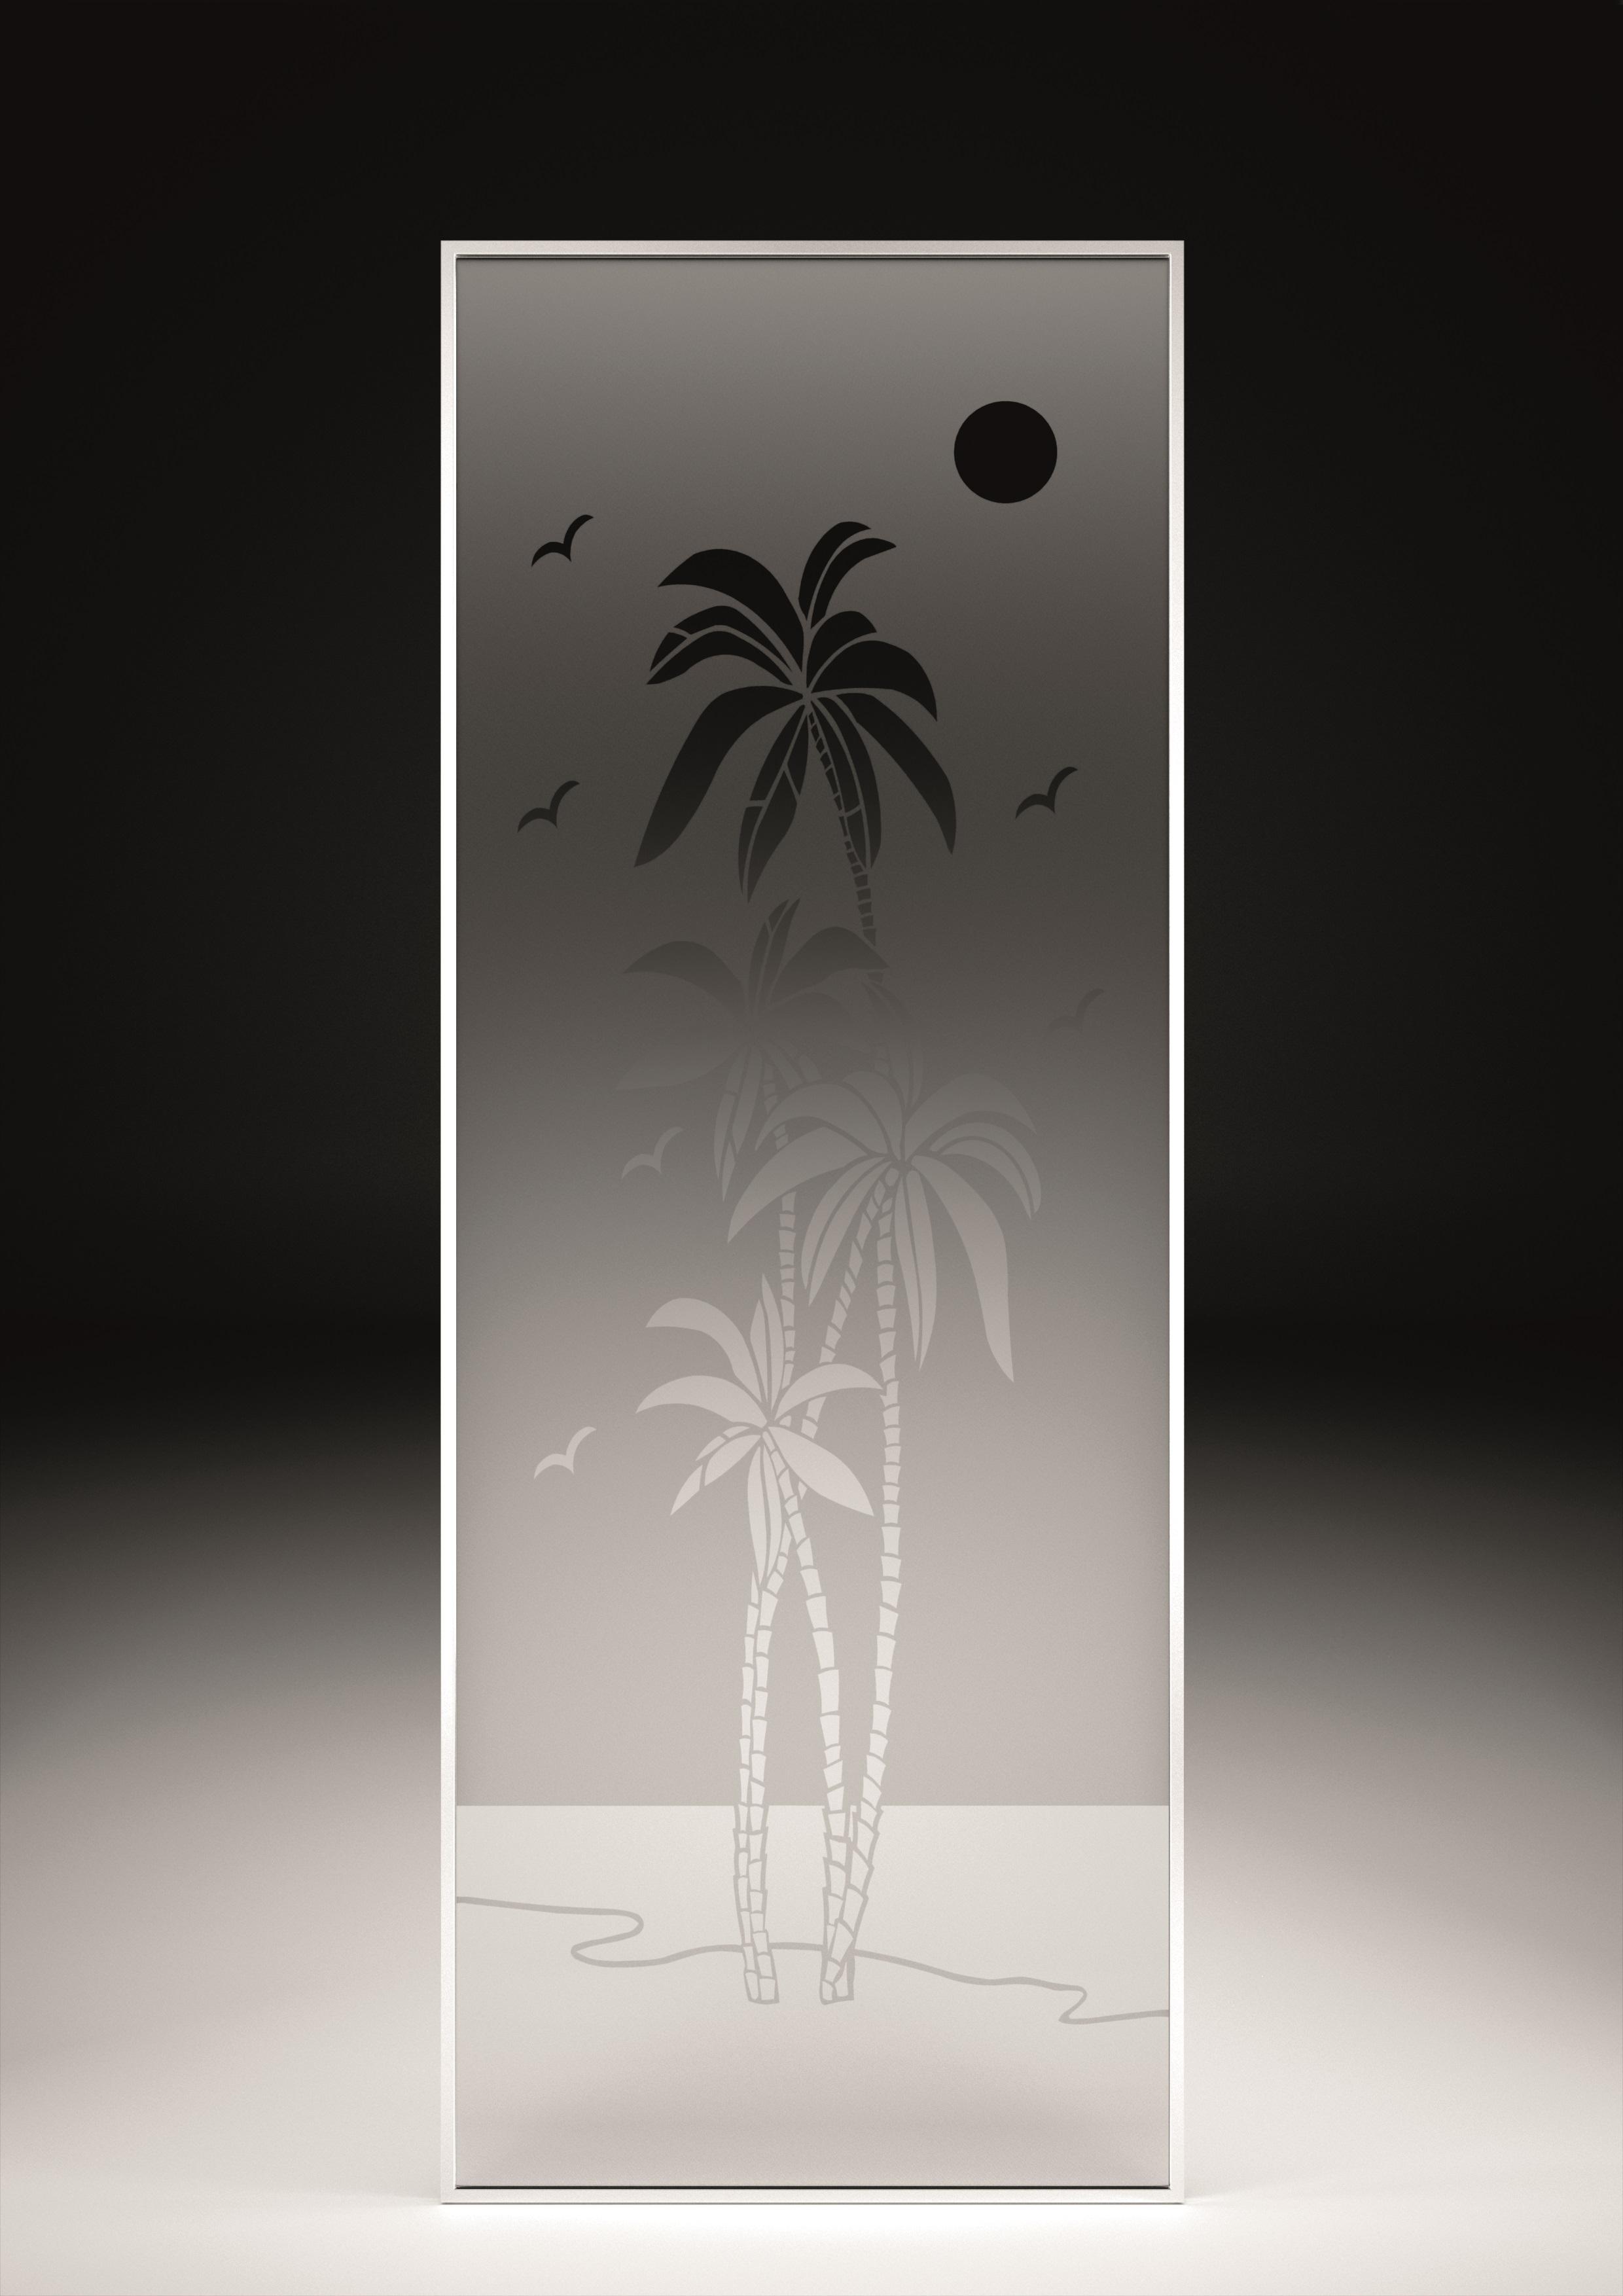 Decorado palmeras 1